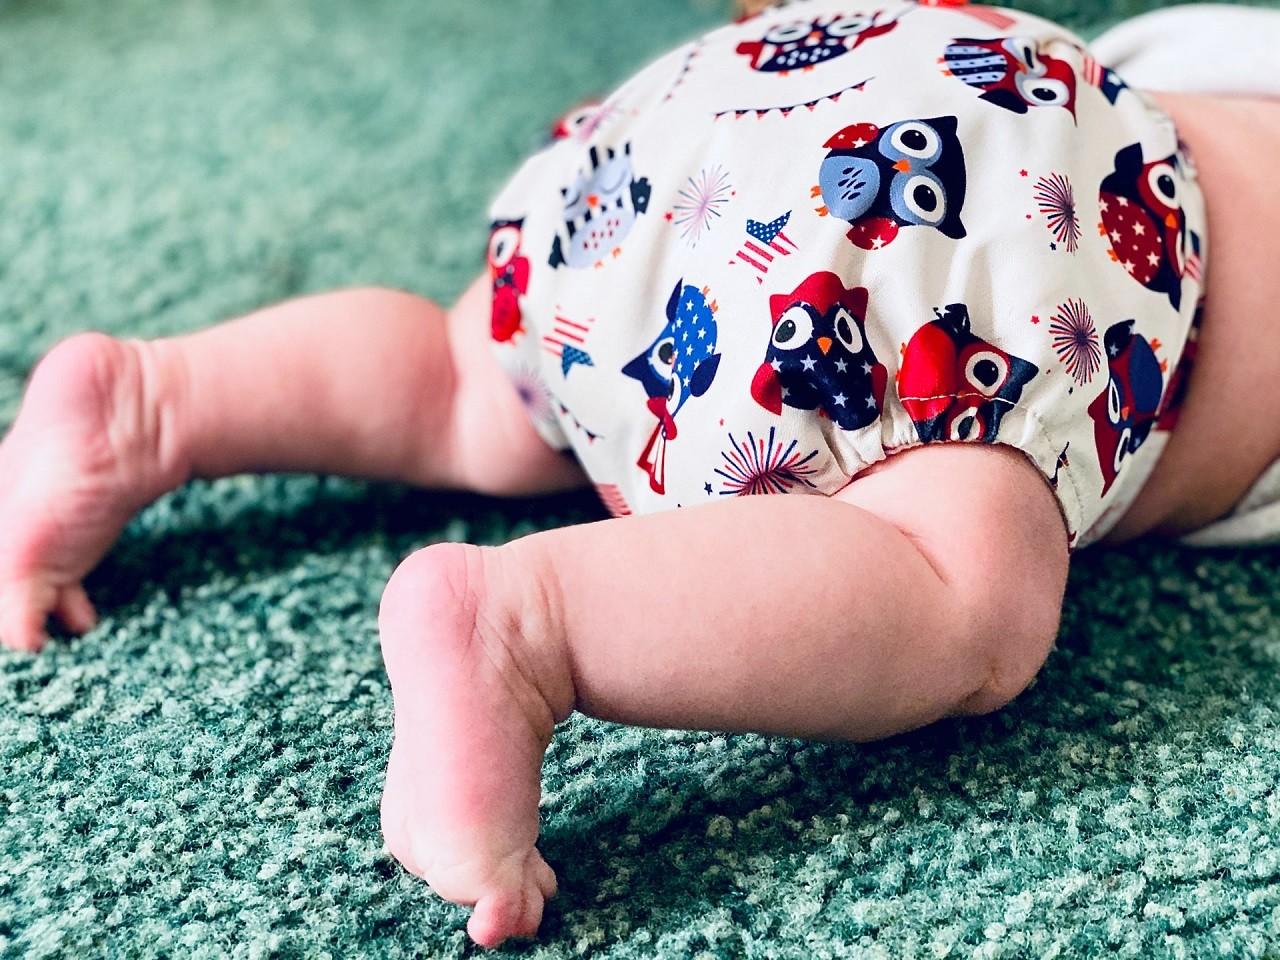 Eine Krabbelrolle soll nicht den Zweck erfüllen das dein Baby Krabbeln oder gar Laufen lernt. Sie dient zur reinen Bespaßung.